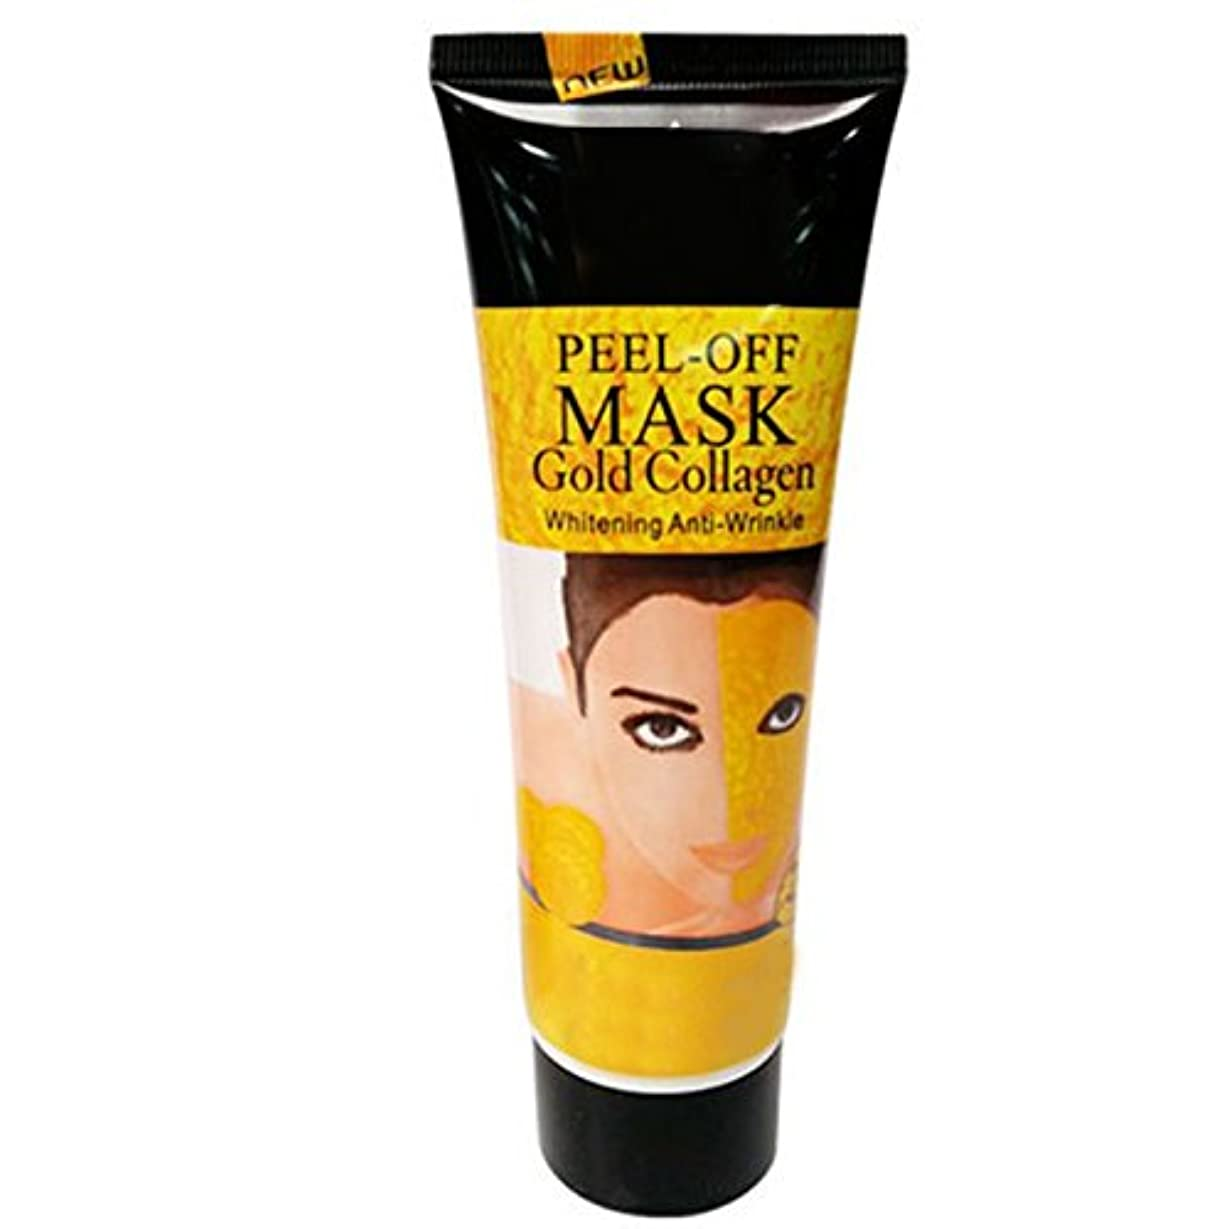 香水午後言い訳Funwill 24Kゴールドマスク ゴールドコラーゲンパック アンチエイジングパック スキンケアマスク しわ、黒ずみ、しみなどを除き たるみ肌改善 くすみ改善 しっかりしている肌に戻る